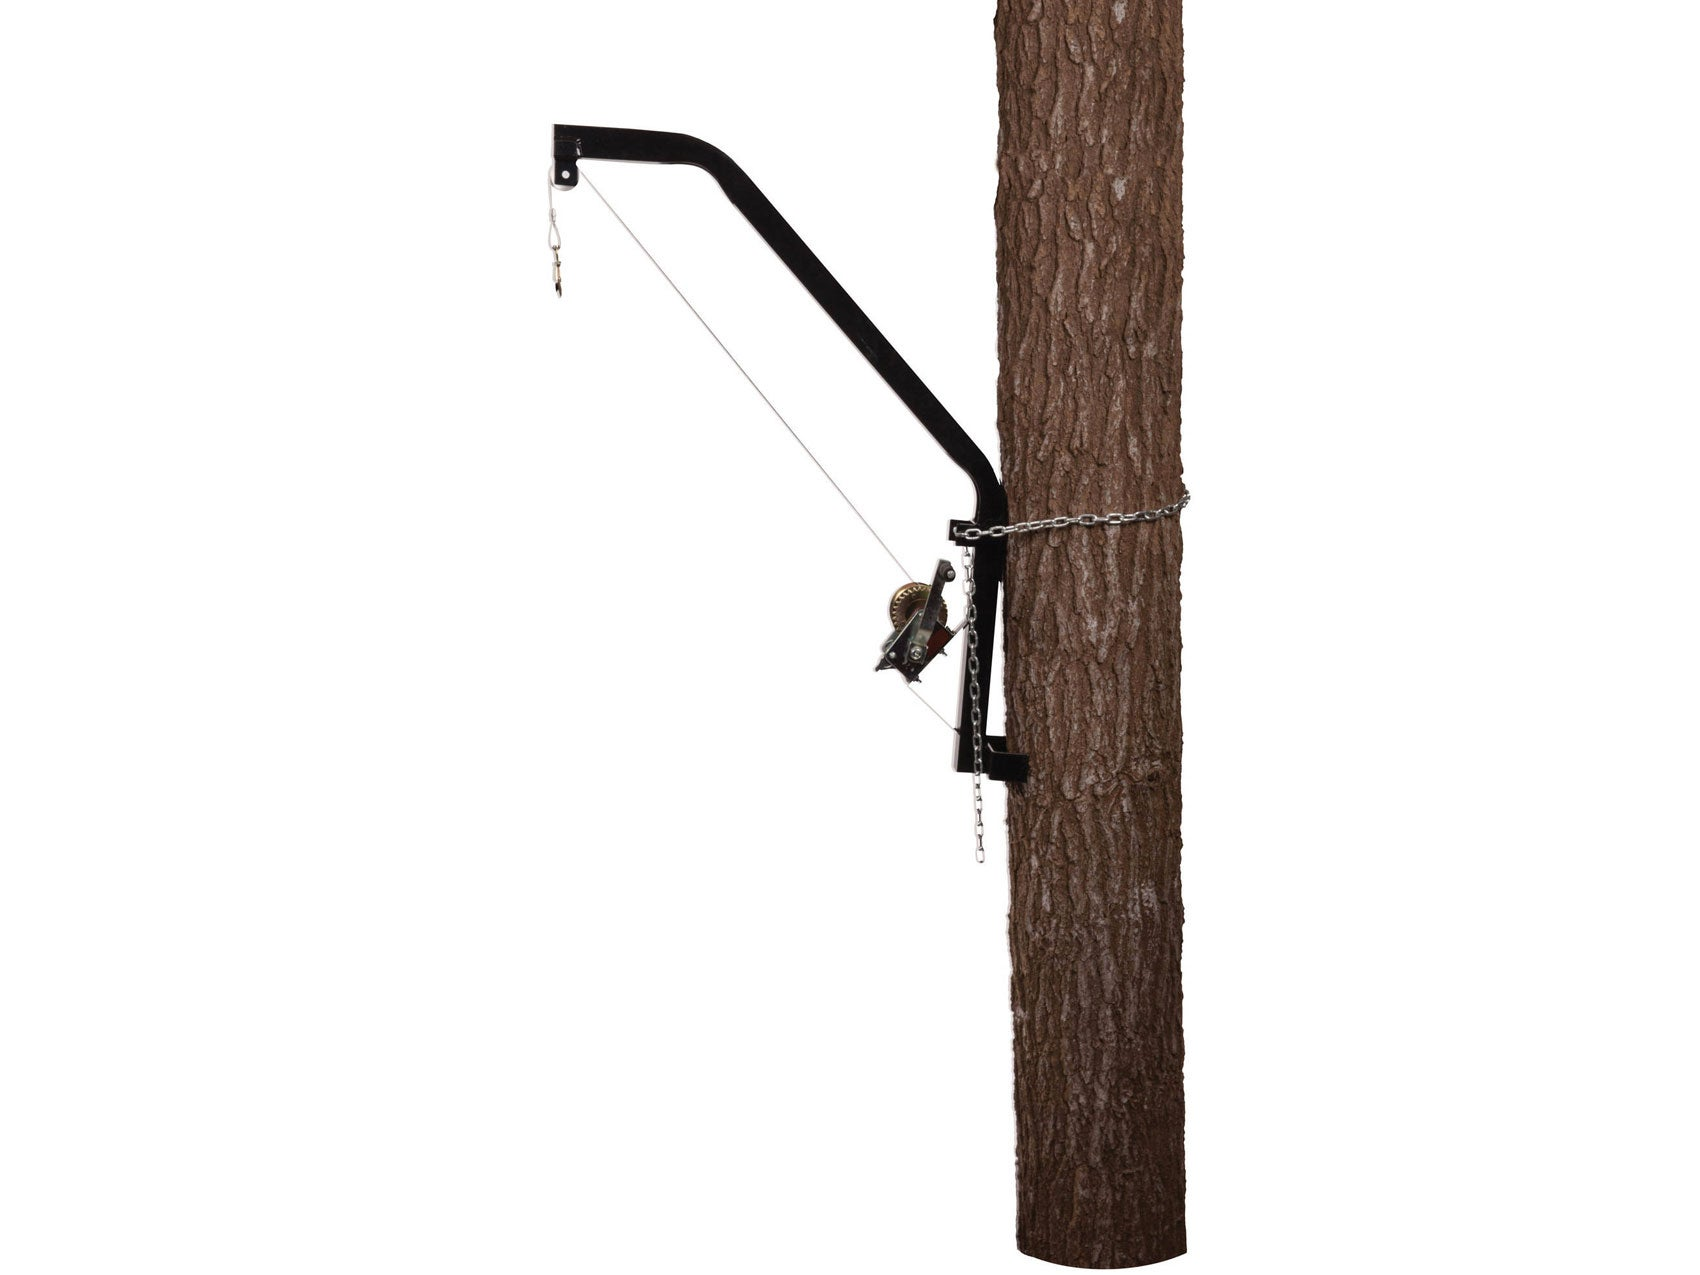 Moultrie hanging deer feeder